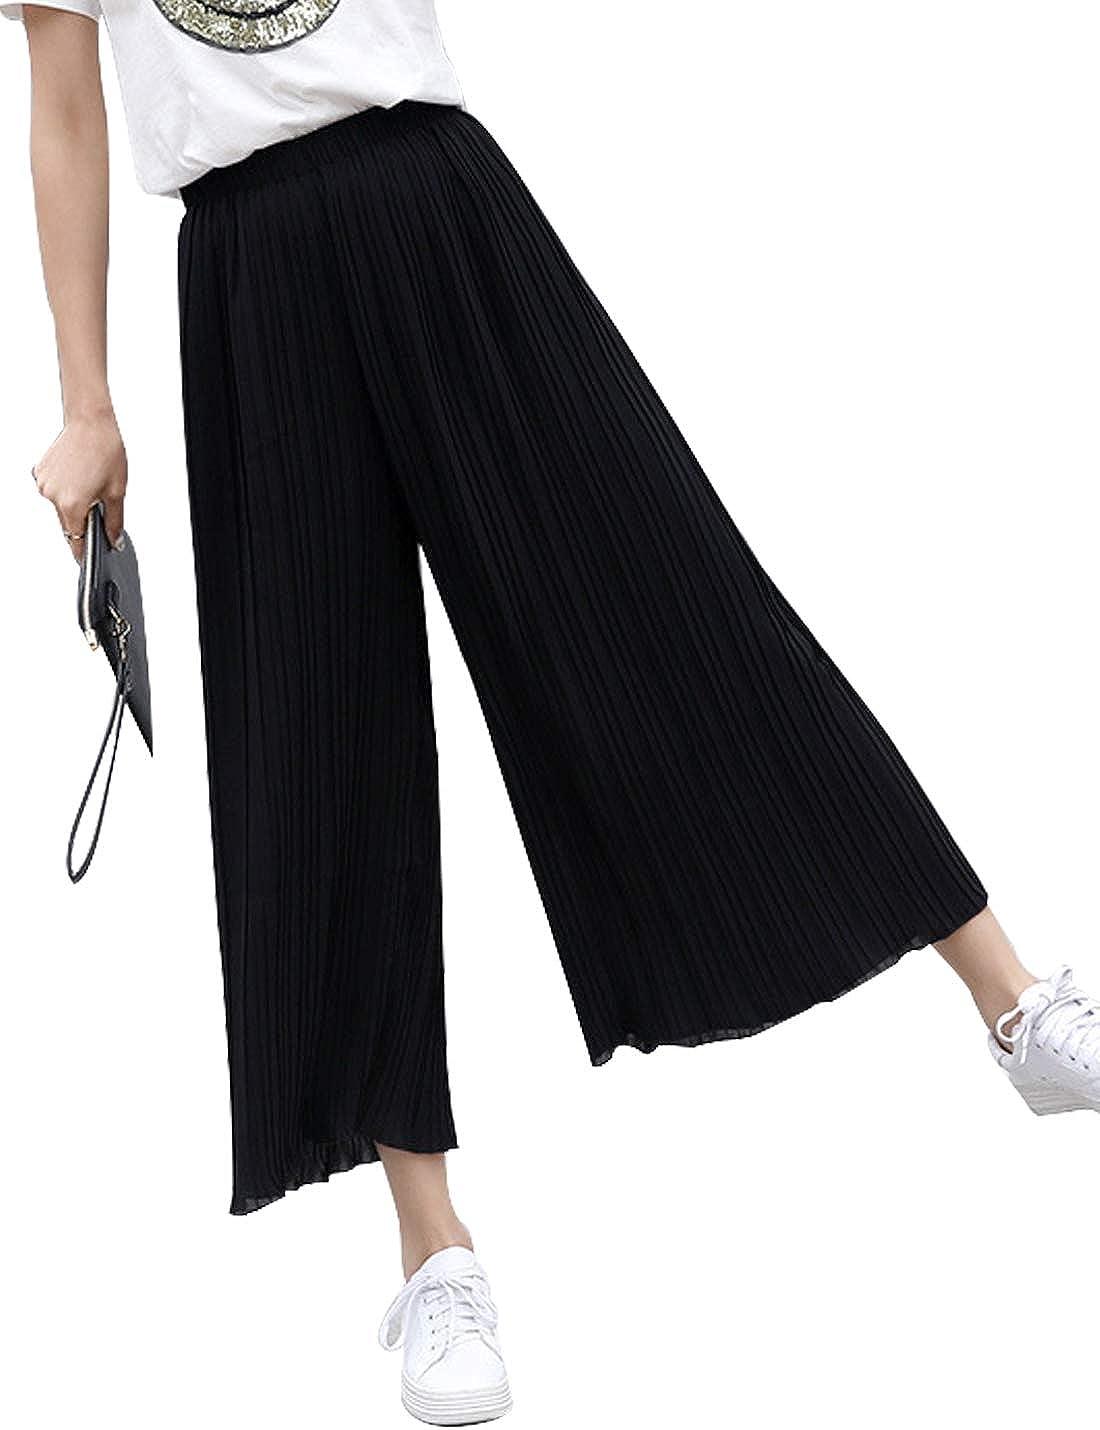 Pantalones Palazzo Informales De Cintura Alta Plisados Pierna Ancha Pantalones De Tobillo De Mujer Pantalones